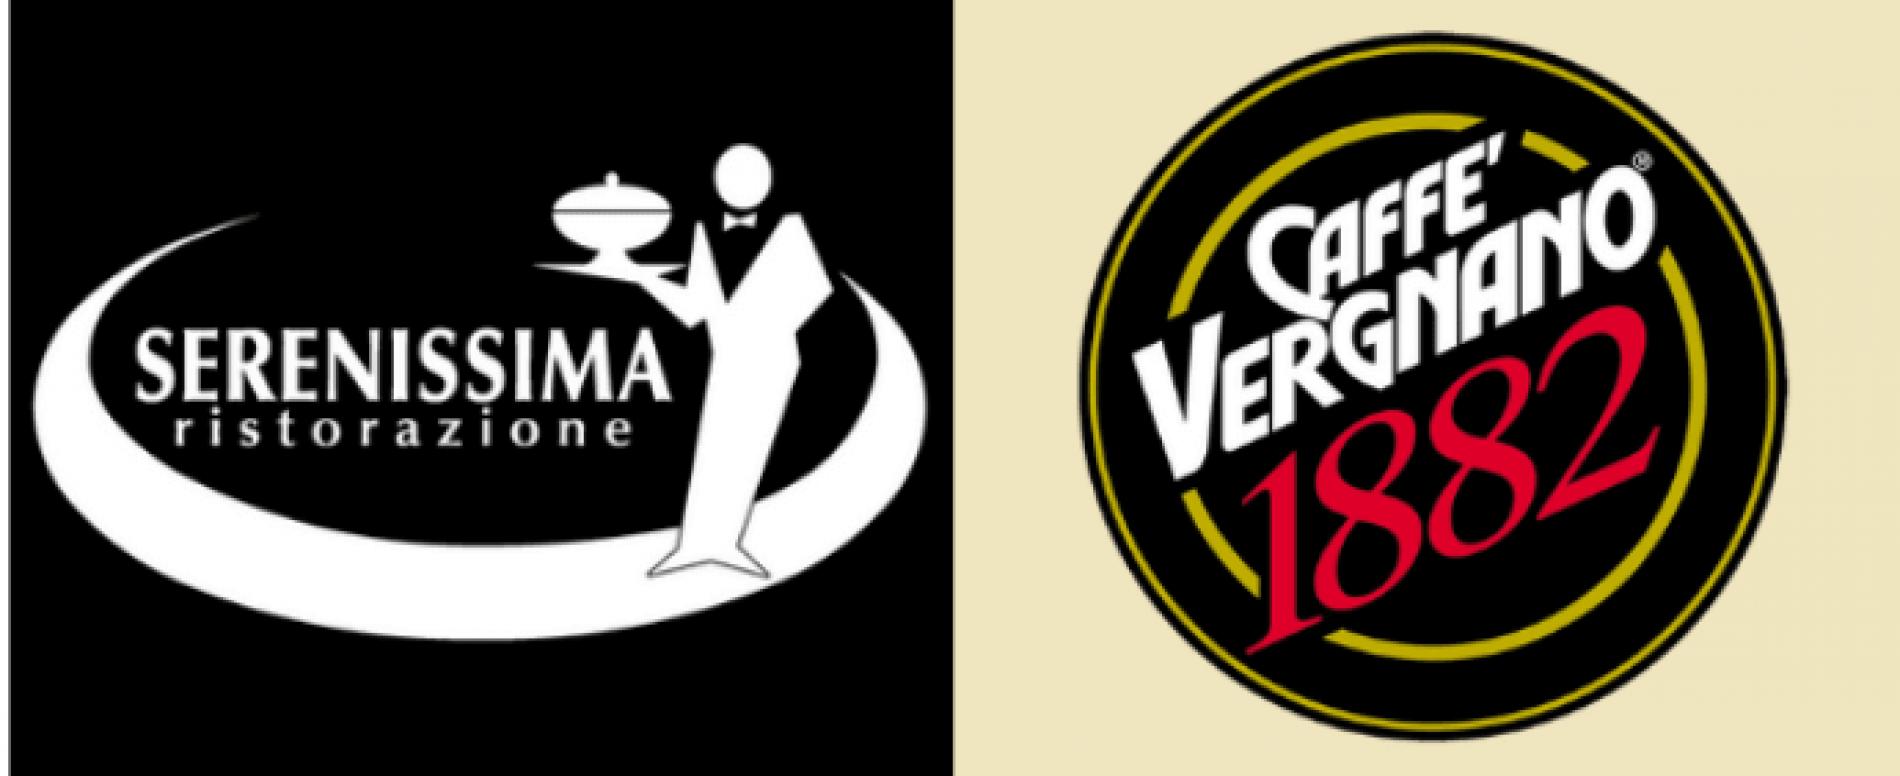 Serenissima Ristorazione sceglie Caffè Vergnano per il suo brand Pausa Caffè